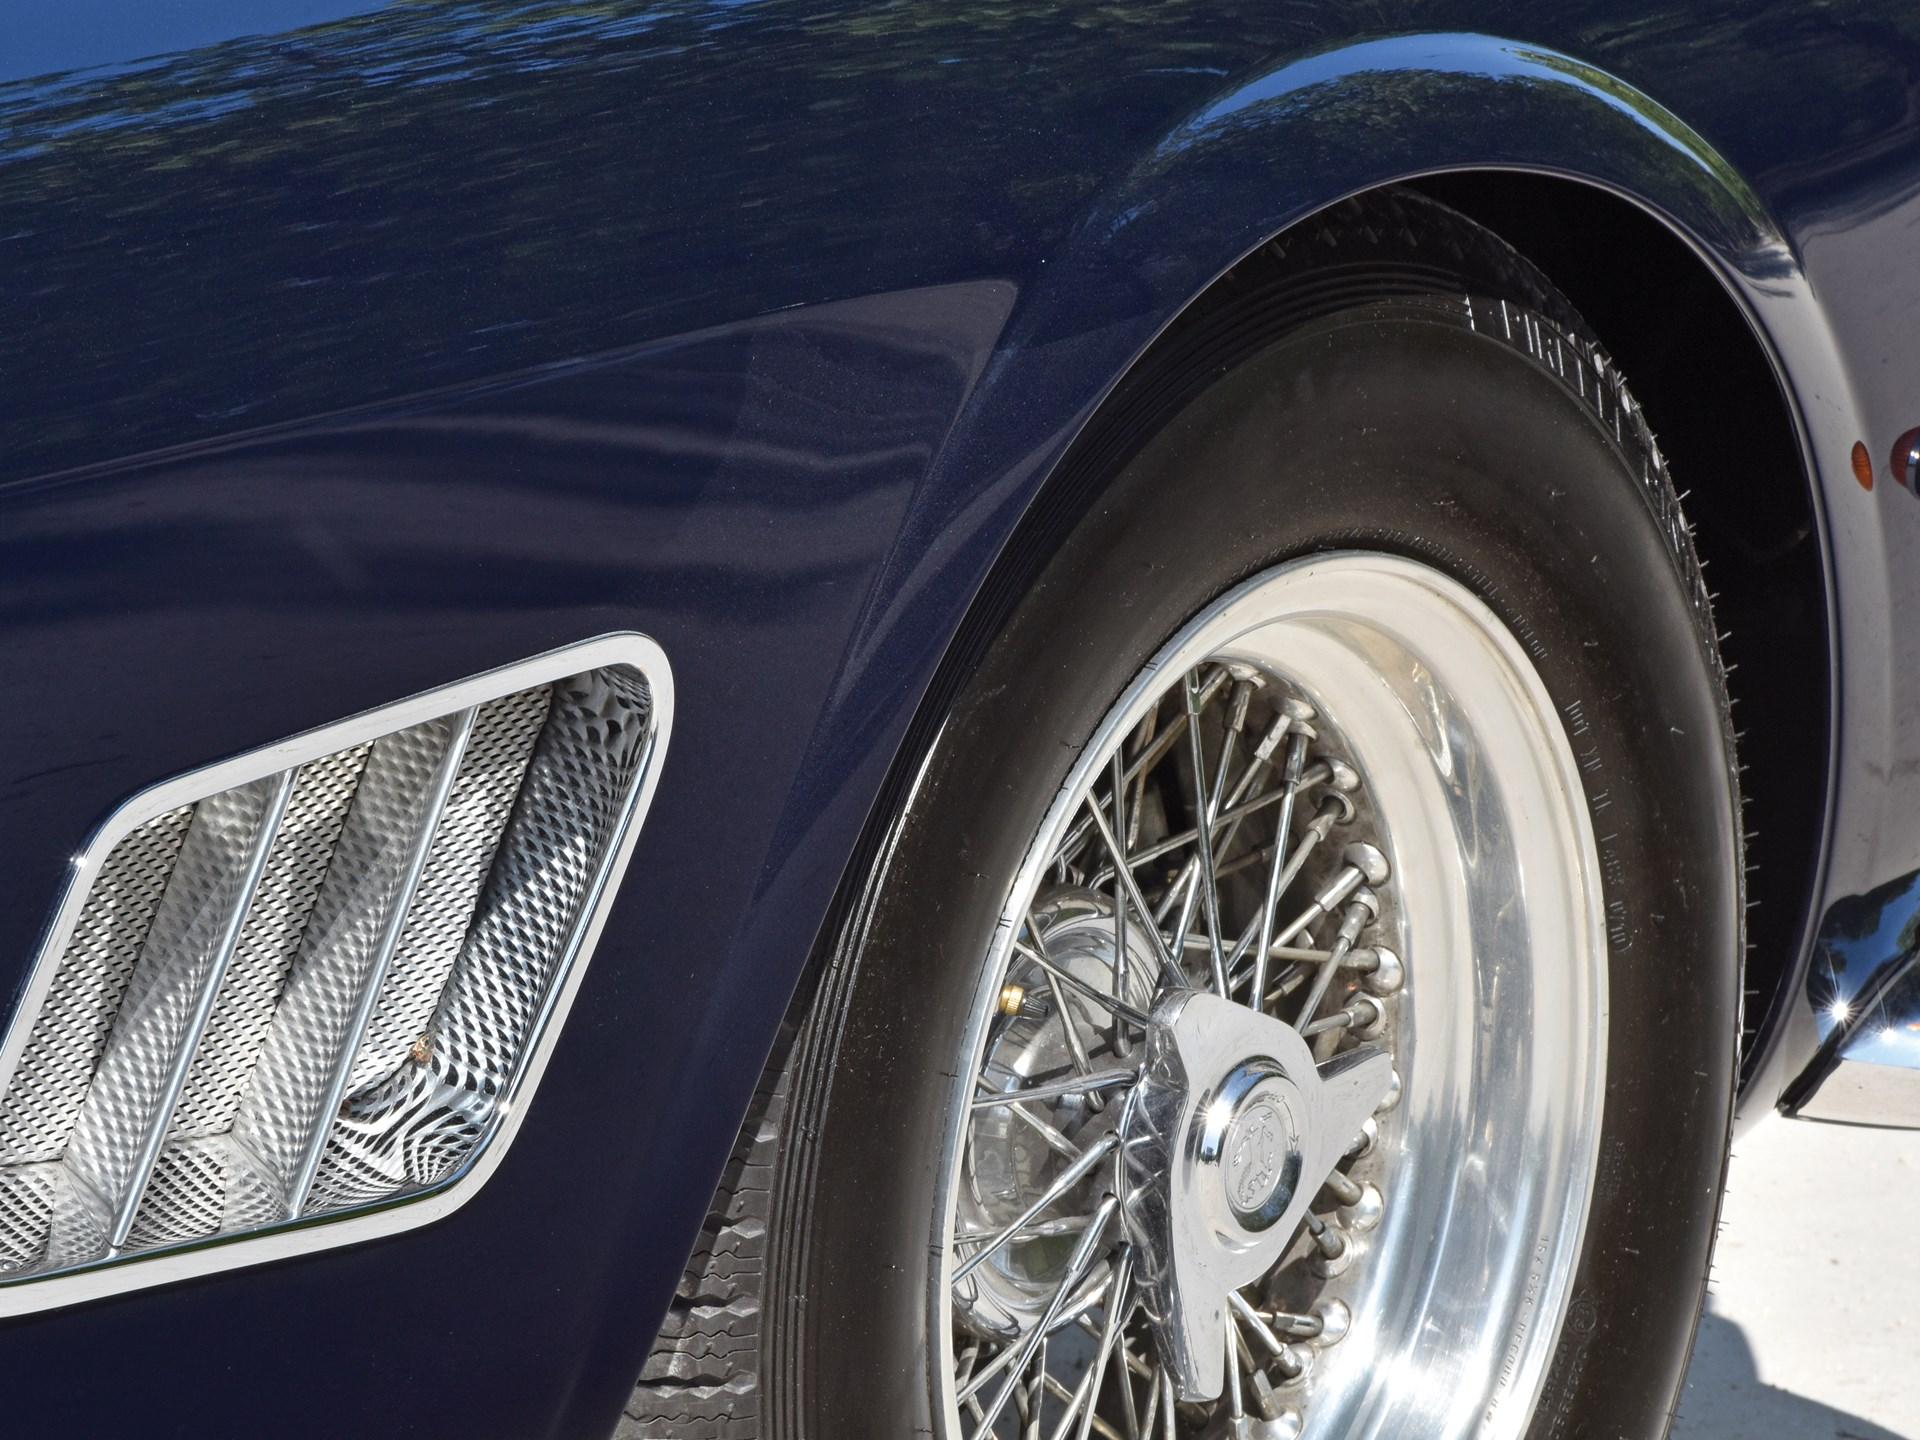 1961 Ferrari 250 GT SWB California Spider by Scaglietti